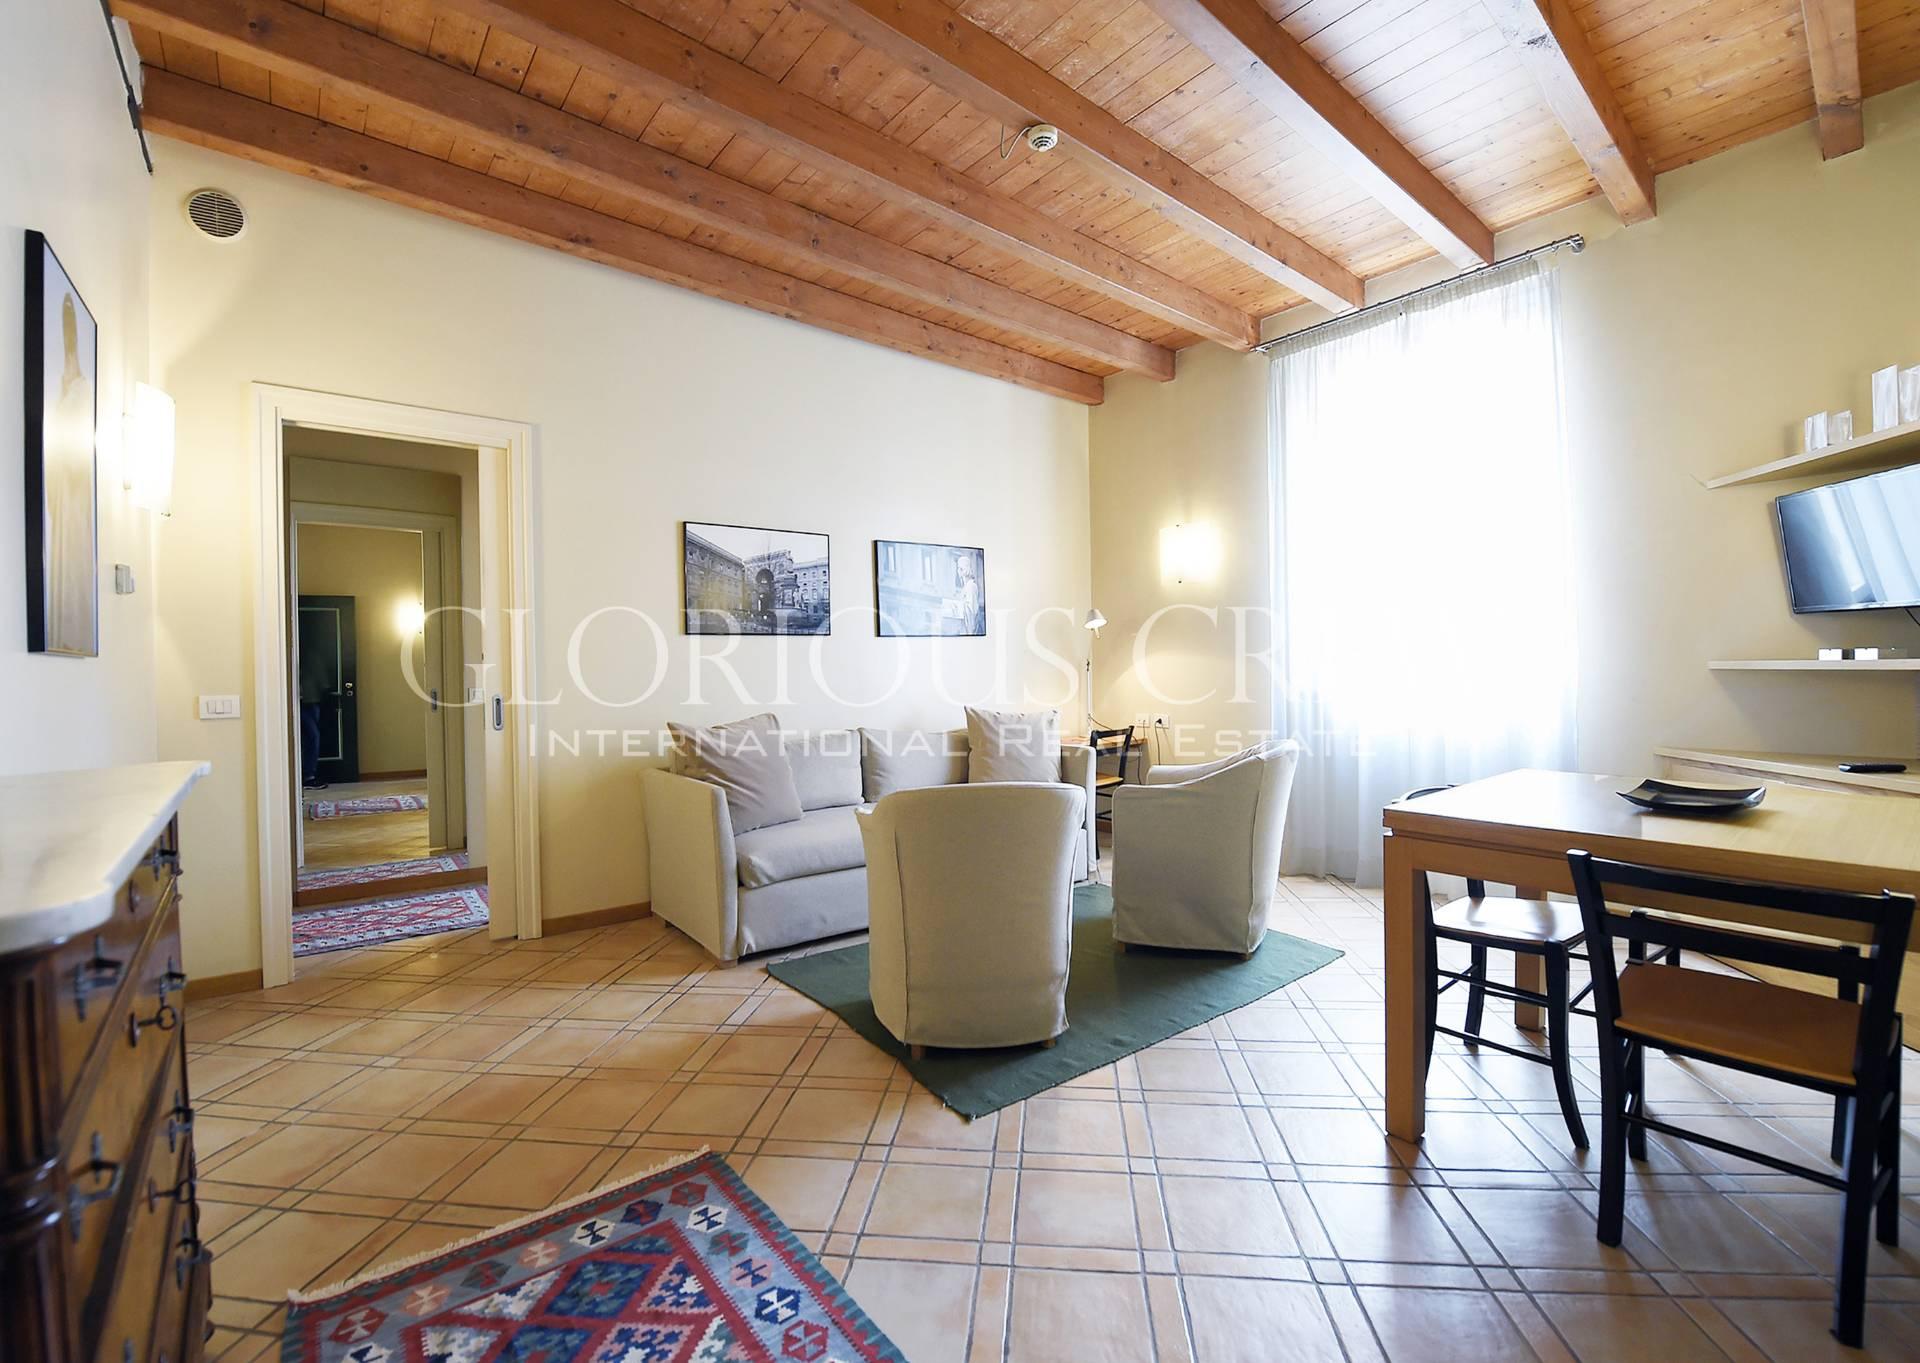 Appartamento in Affitto a Milano 07 Darsena /  Ticinese:  3 locali, 92 mq  - Foto 1